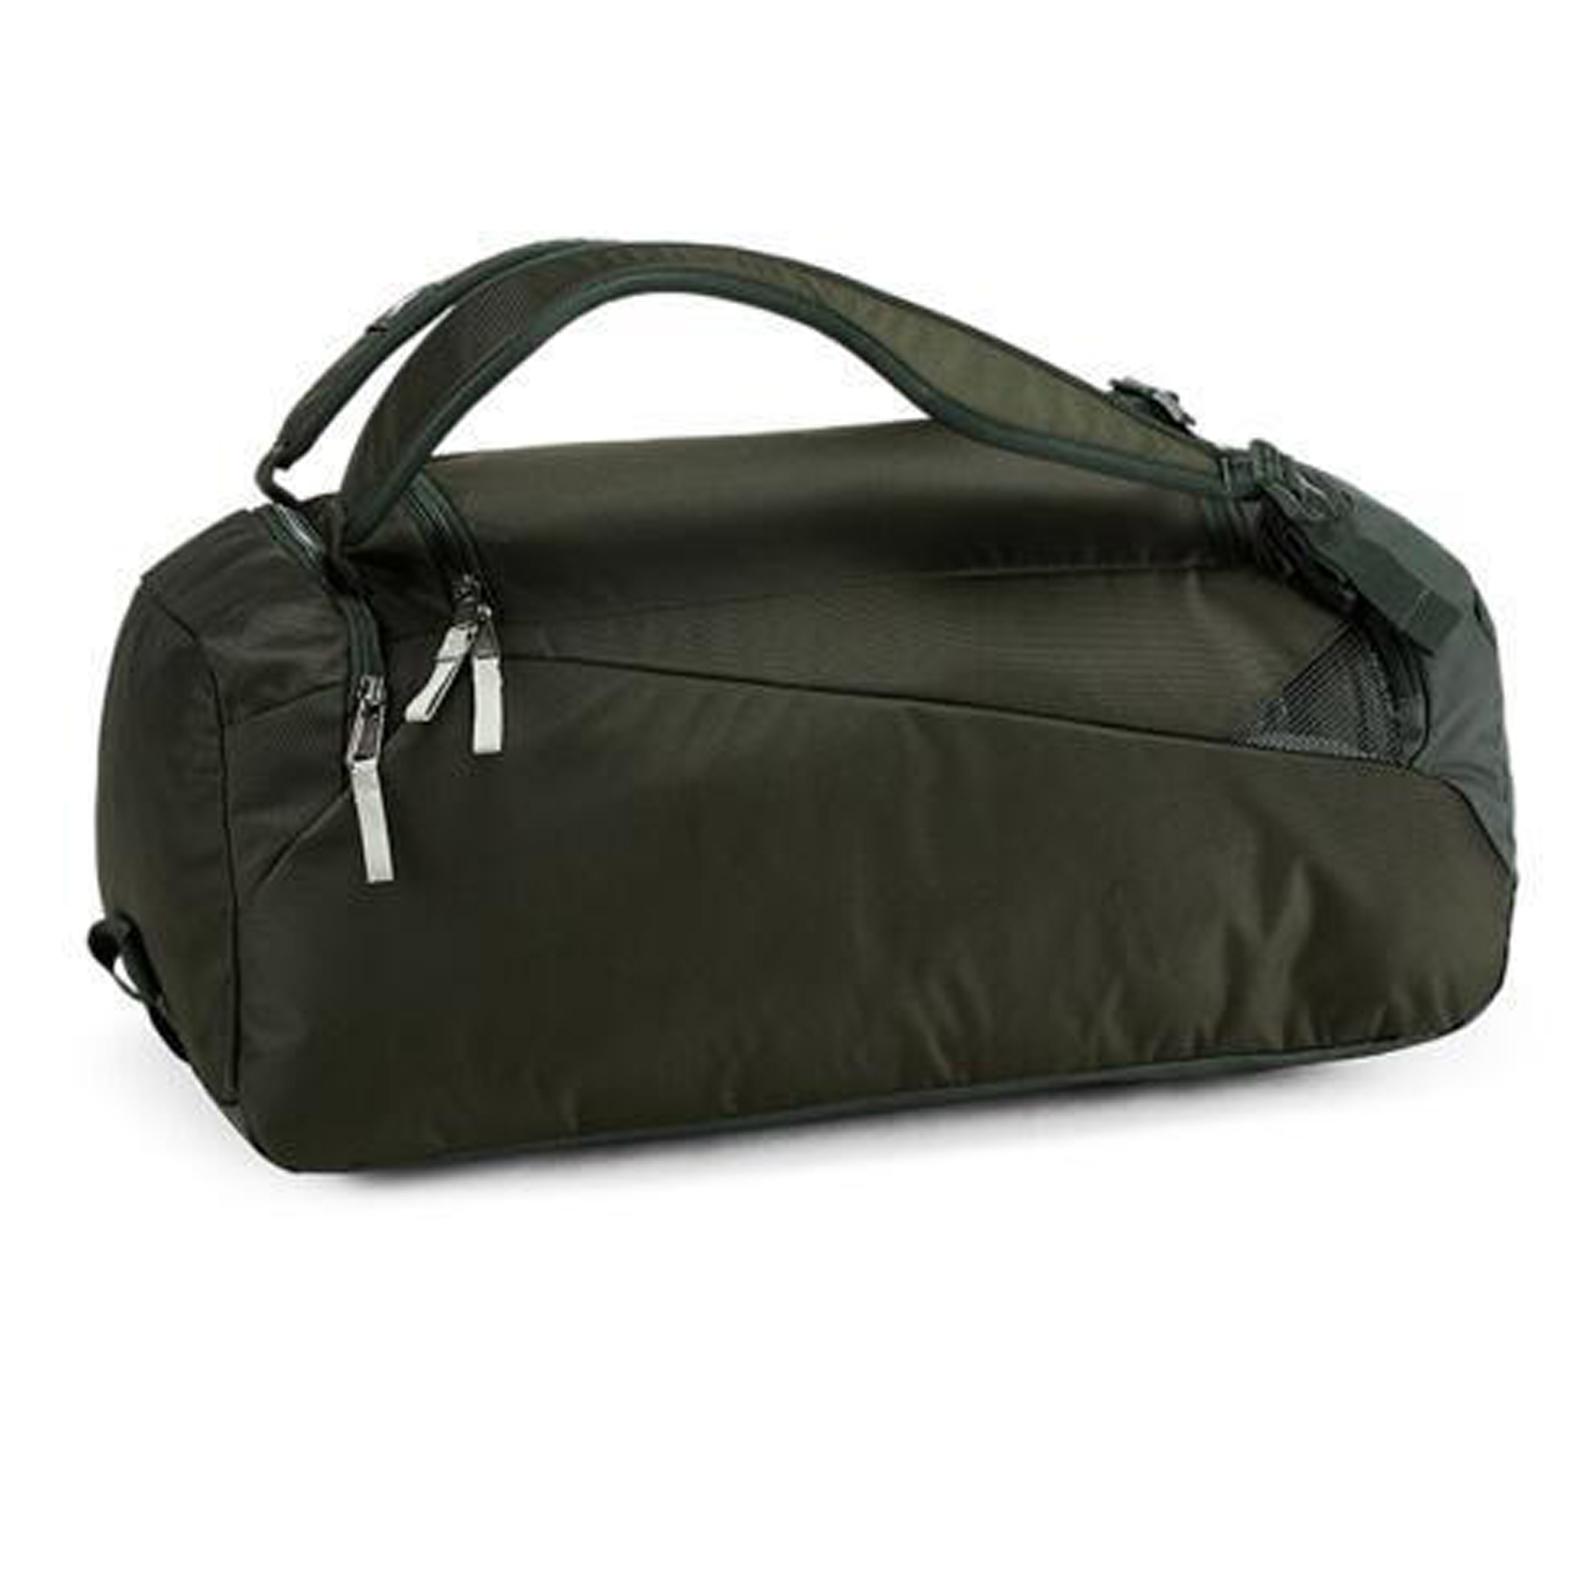 上海箱包批发定制牛津布户外运动健身包来图打样可添加logo006